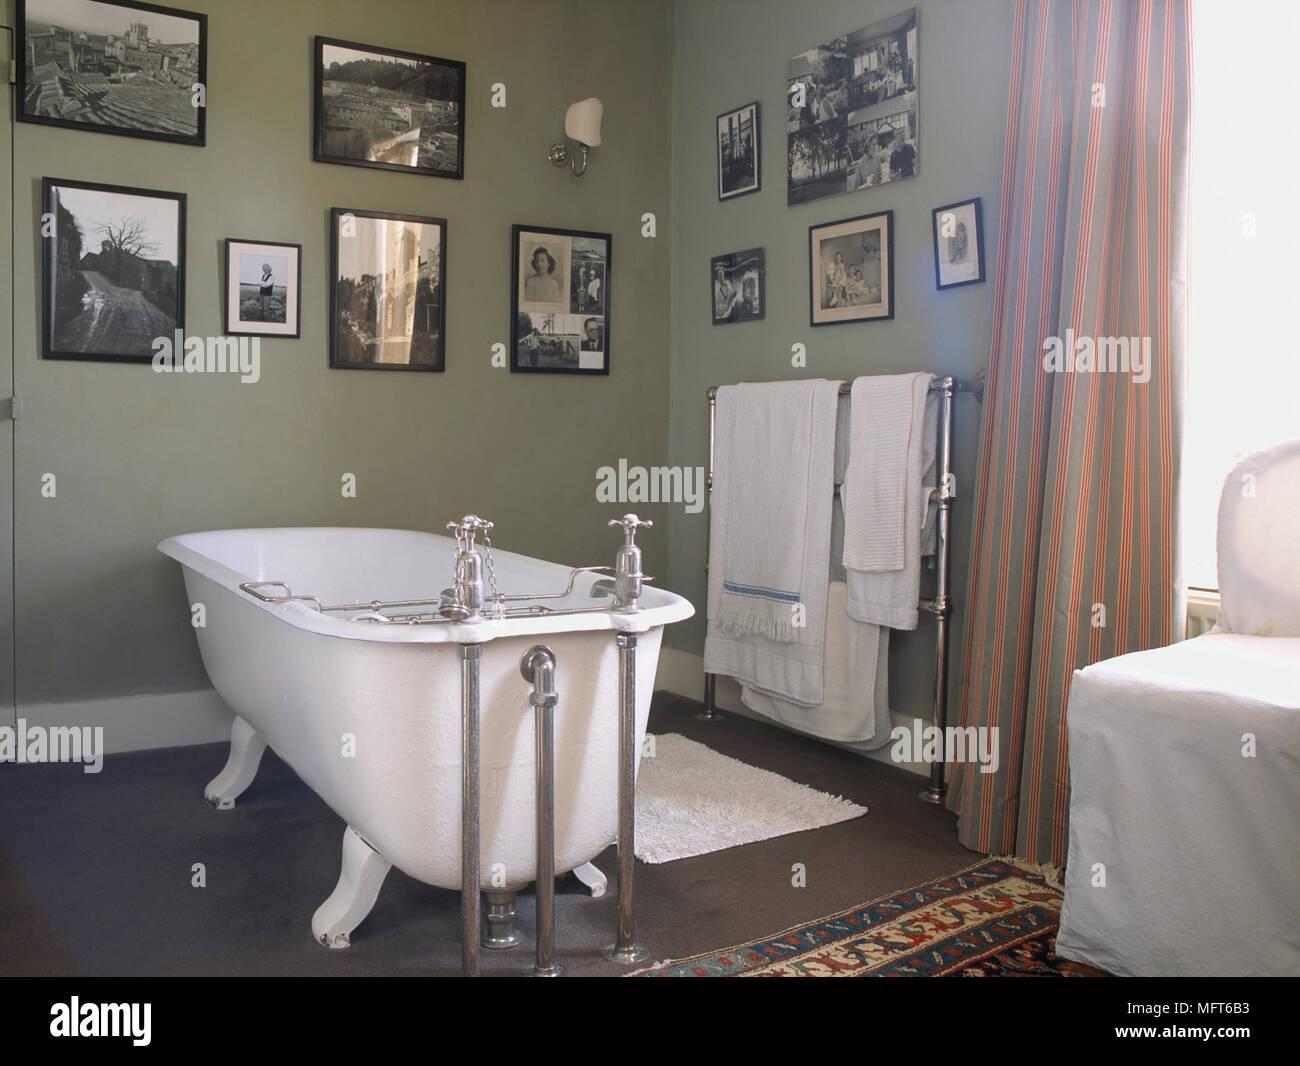 Hochwertig Ein Traditionelles, Grüne Badezimmer Mit Einer Freistehenden Badewanne Mit  Whirlpool, Muster, Vorhänge, Eine Sammlung Von Fotografien An Der Wand